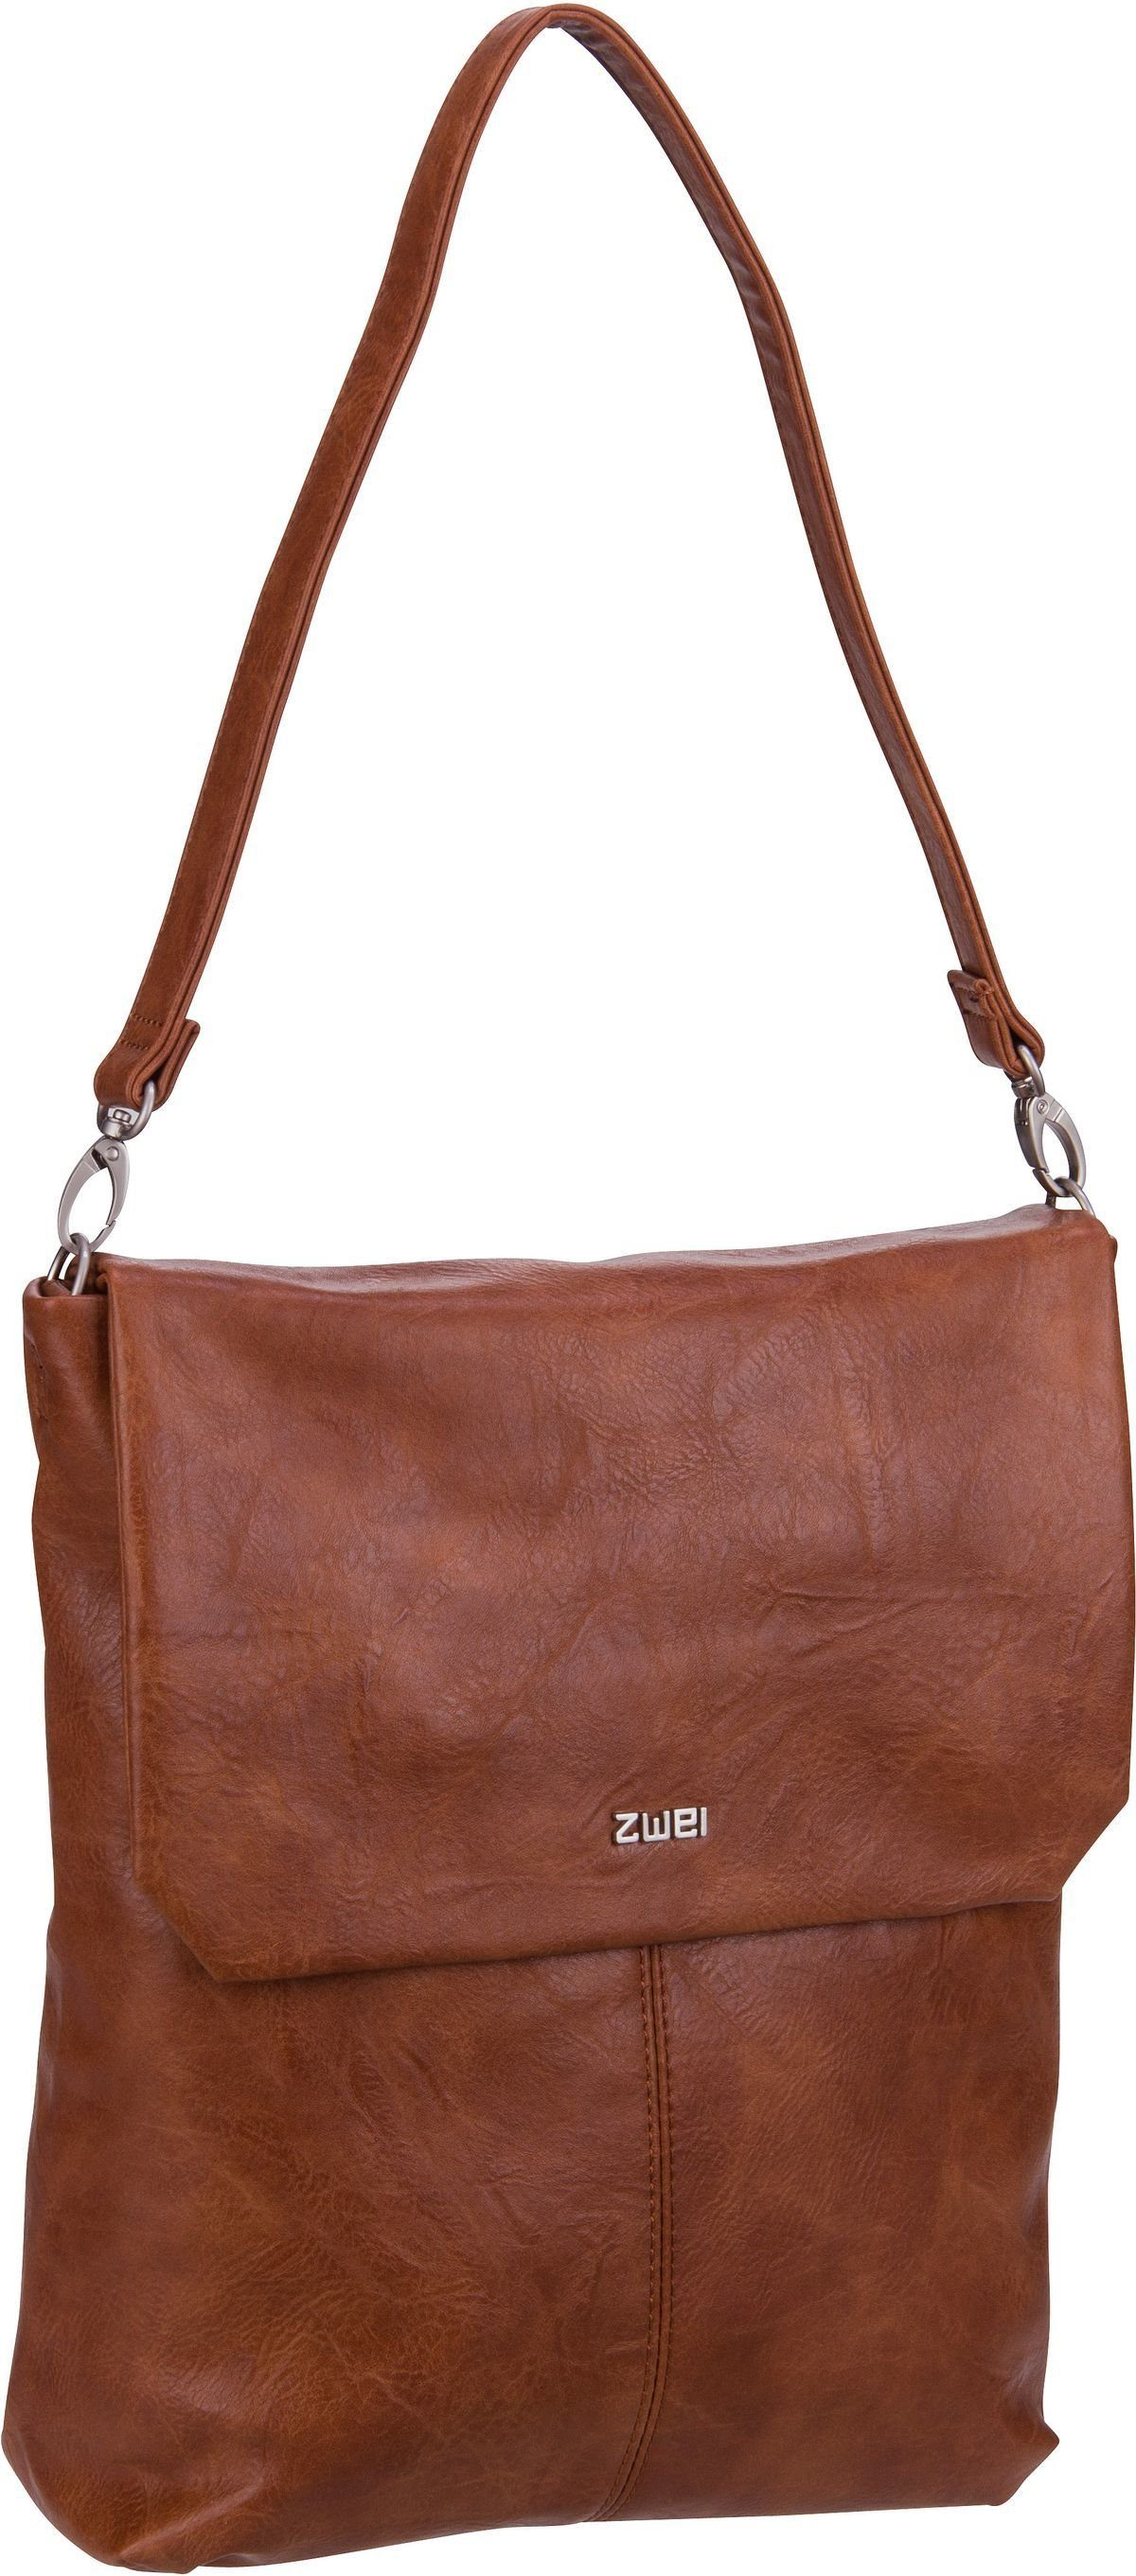 Mt15« »mademoiselle Zwei Online Handtasche Kaufen m08Nvnw